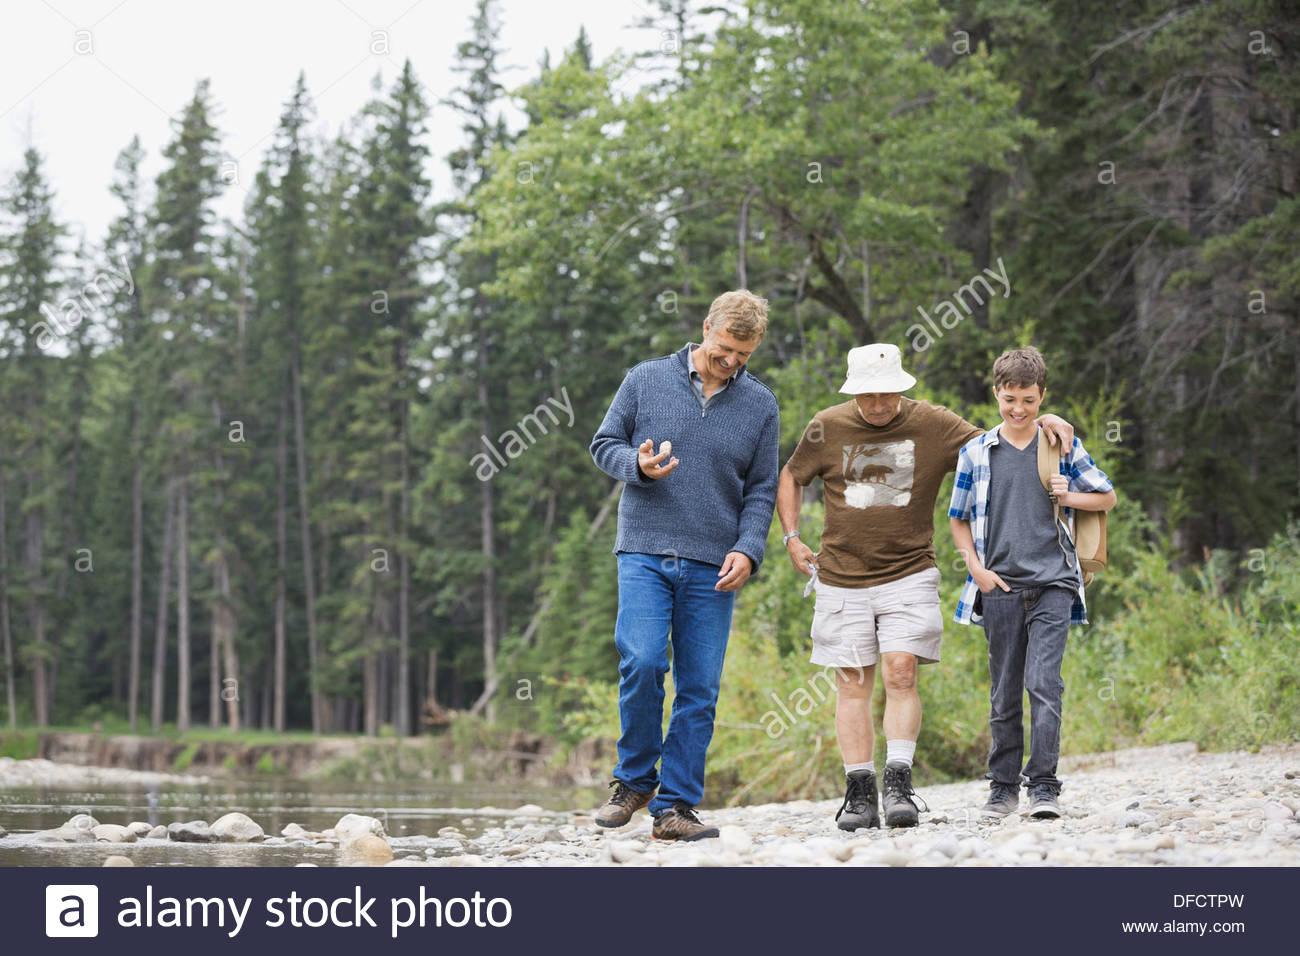 Generación de tres hombres caminando en el banco del río Imagen De Stock